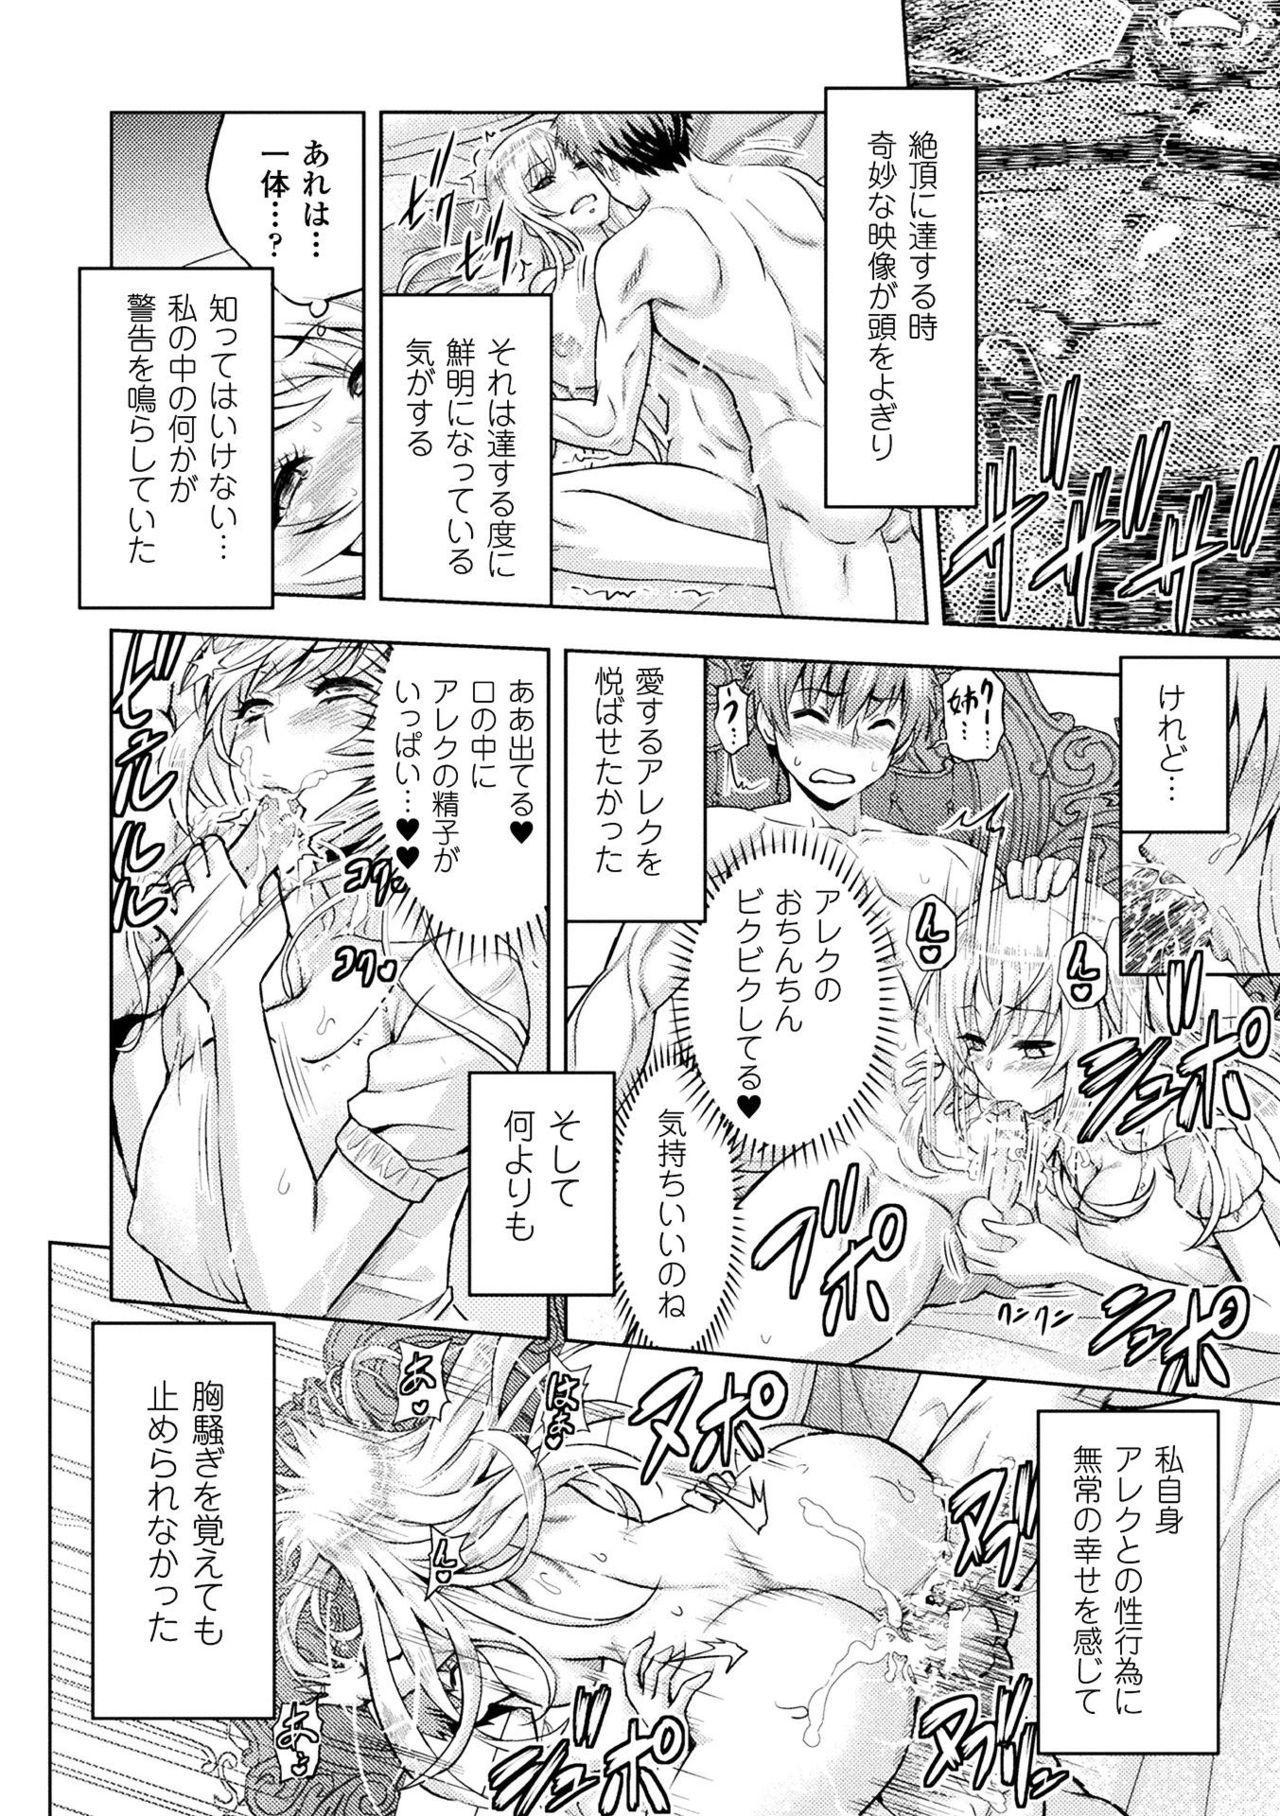 ERONA Orc no Inmon ni Okasareta Onna Kishi no Matsuro 141